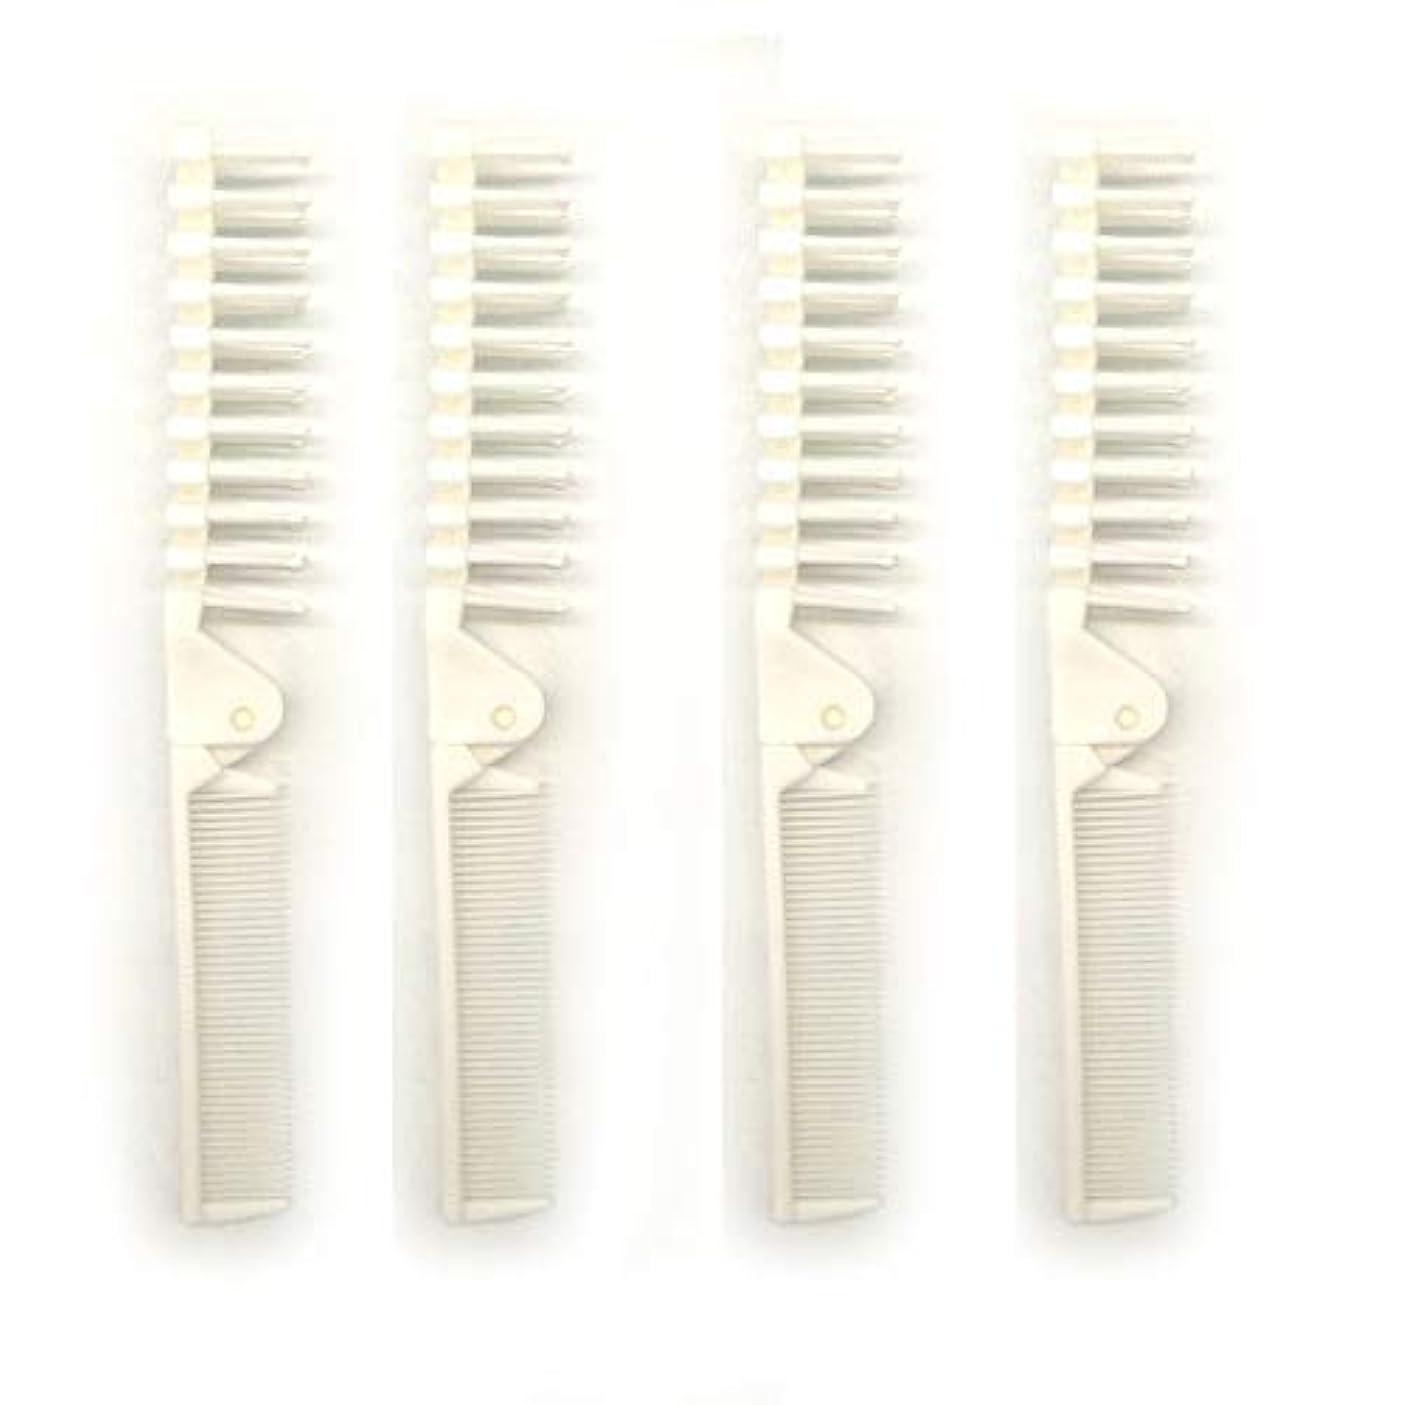 不従順避けられない結論PUTYSUUN Portable Travel Size Comb Brush Combo Folding, Antistatic Pack of 4 [並行輸入品]